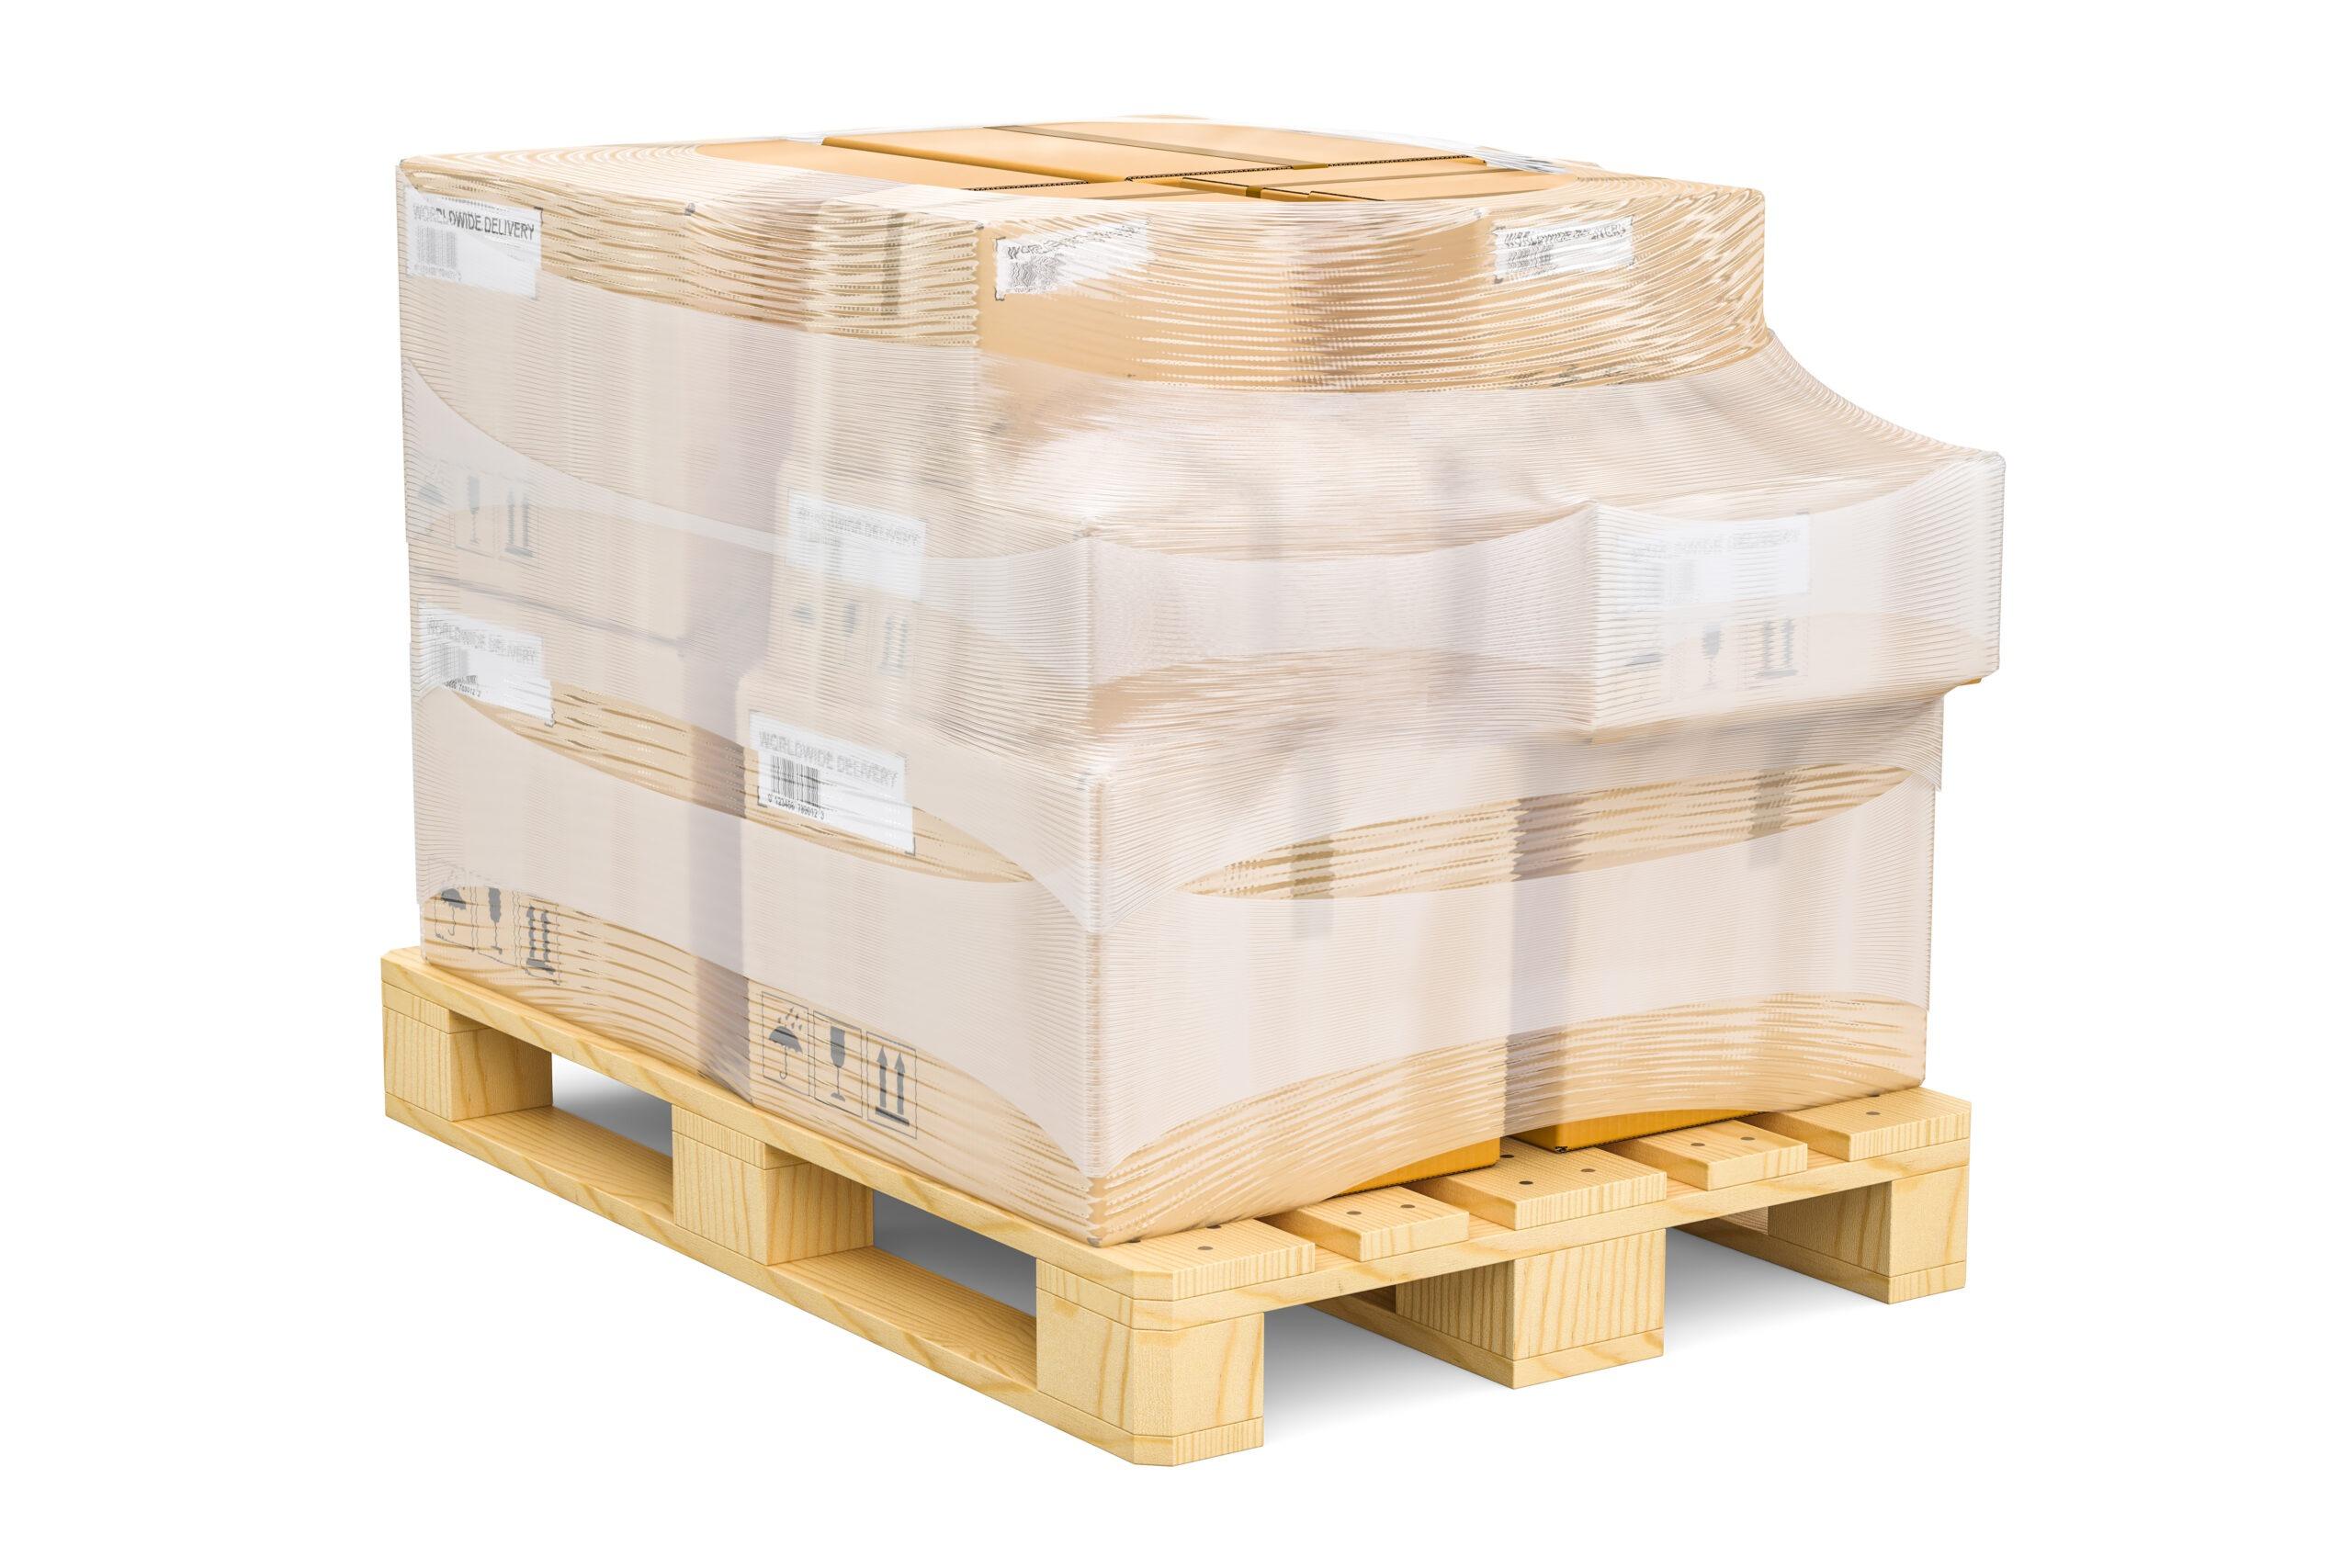 Przechowywanie towaru w postaci kartonów na palecie